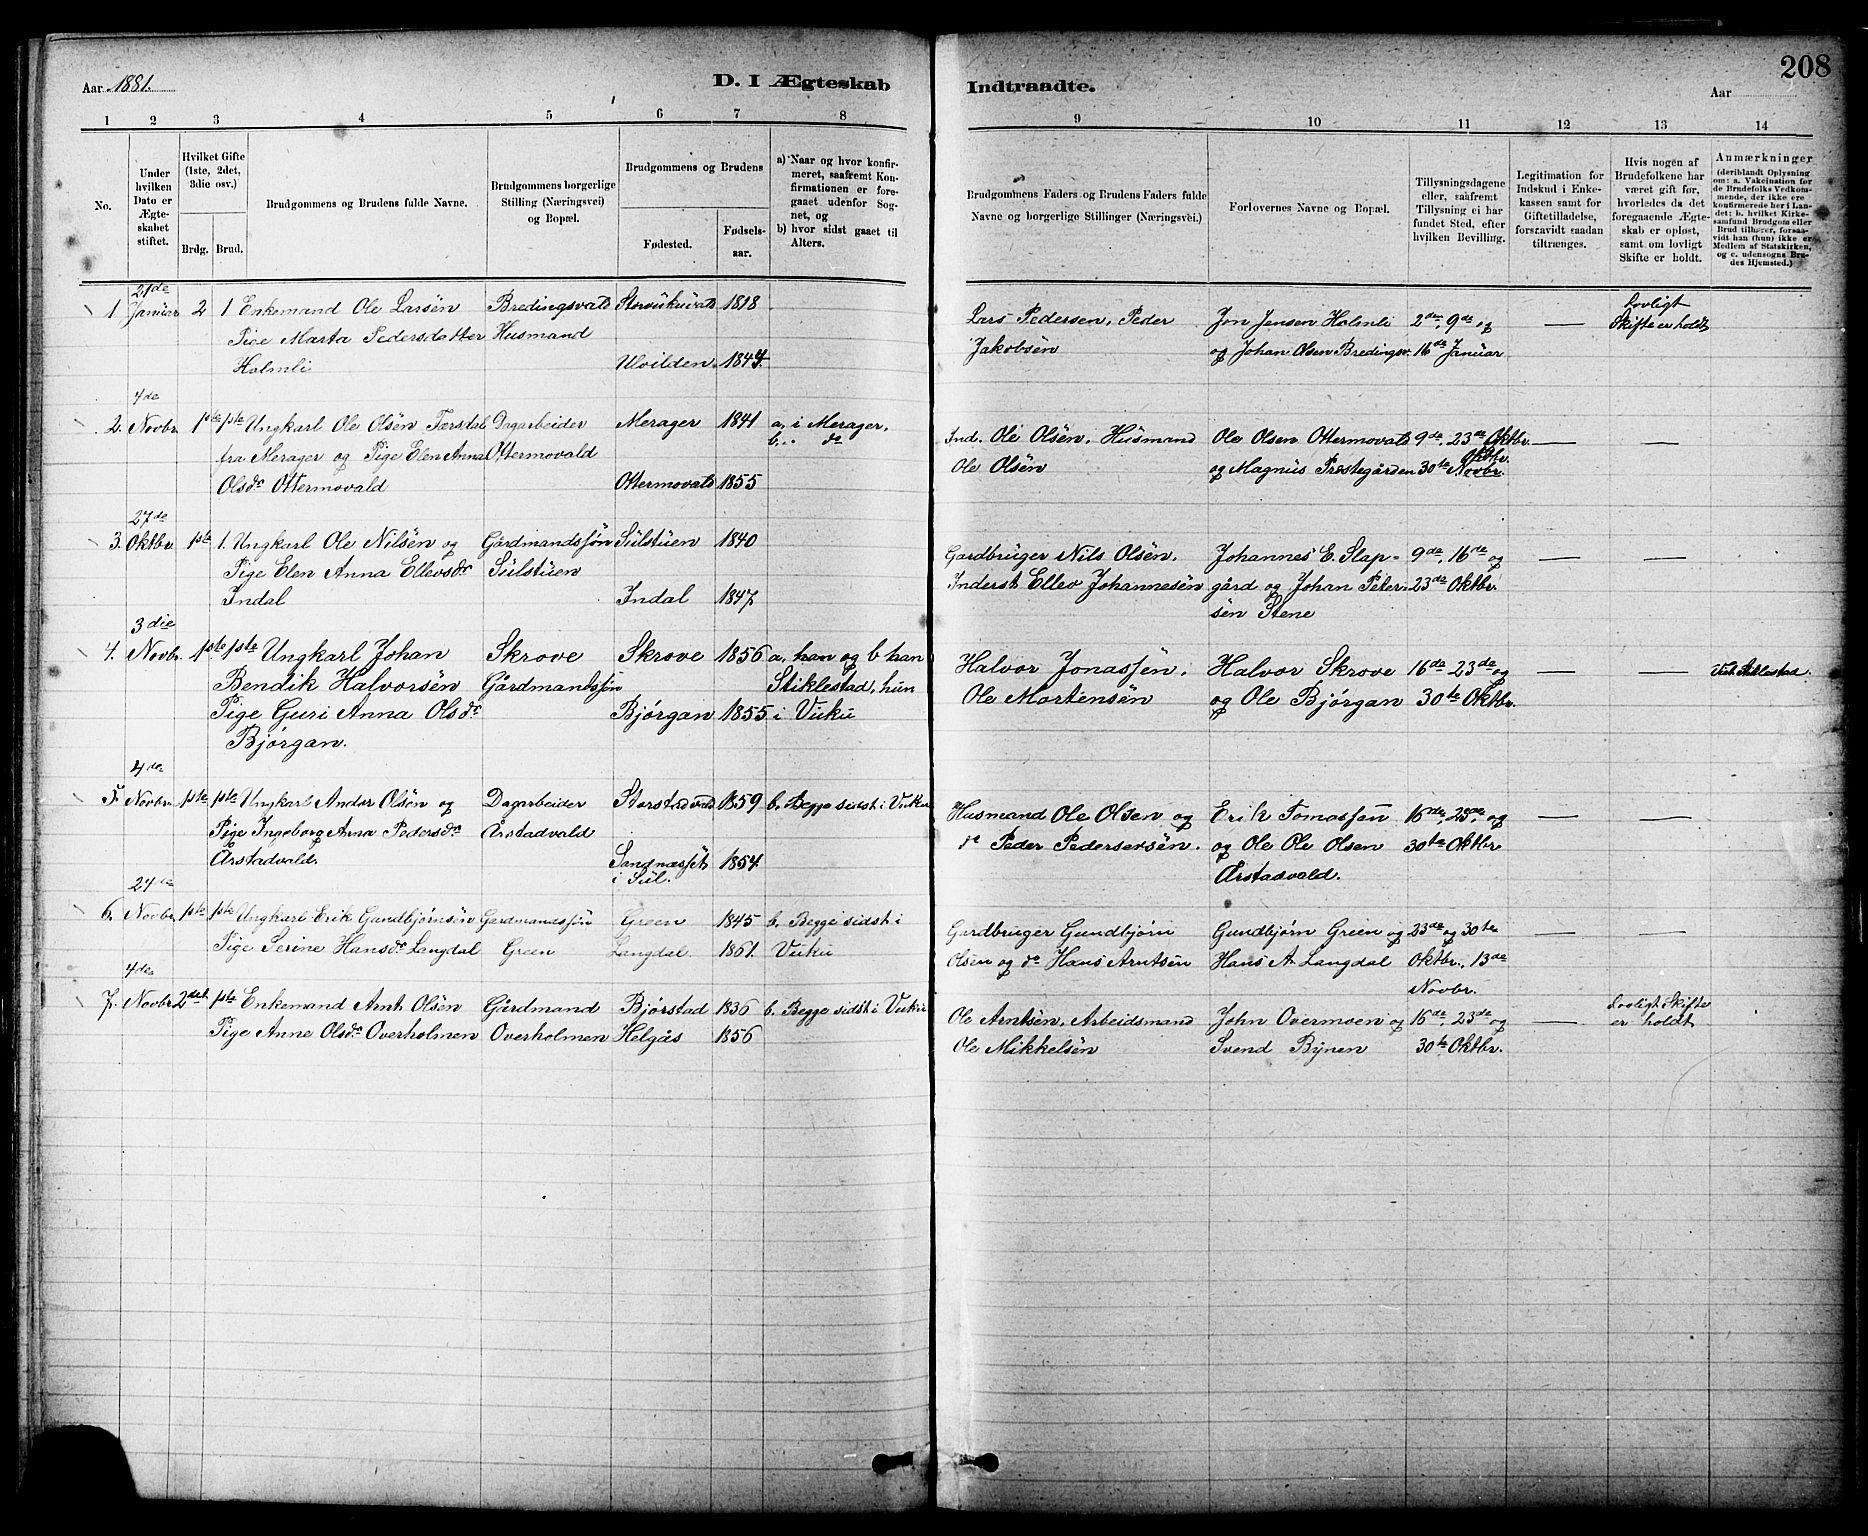 SAT, Ministerialprotokoller, klokkerbøker og fødselsregistre - Nord-Trøndelag, 724/L0267: Klokkerbok nr. 724C03, 1879-1898, s. 208